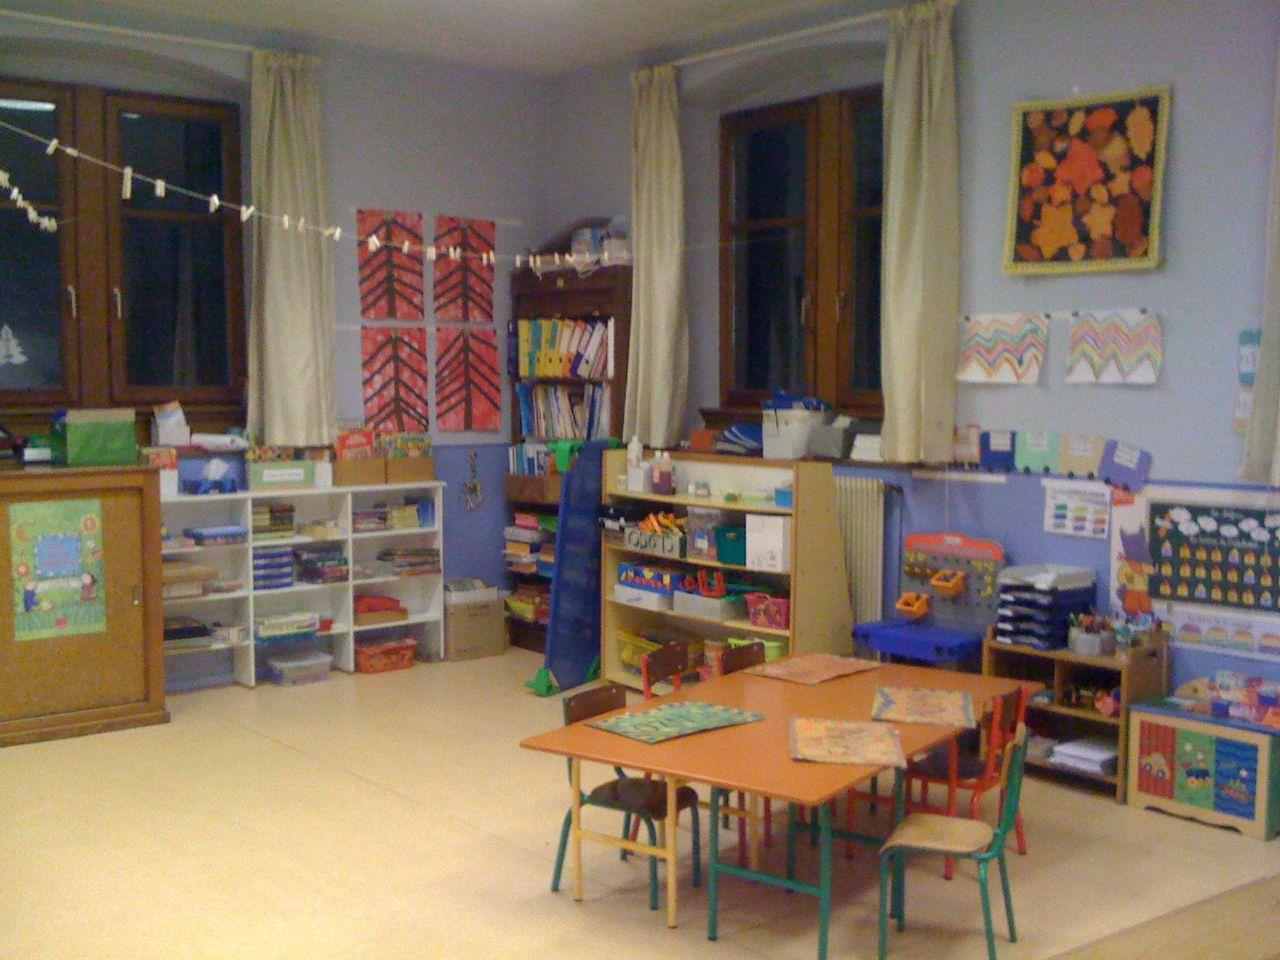 Pr sentation de l cole - Image classe maternelle ...